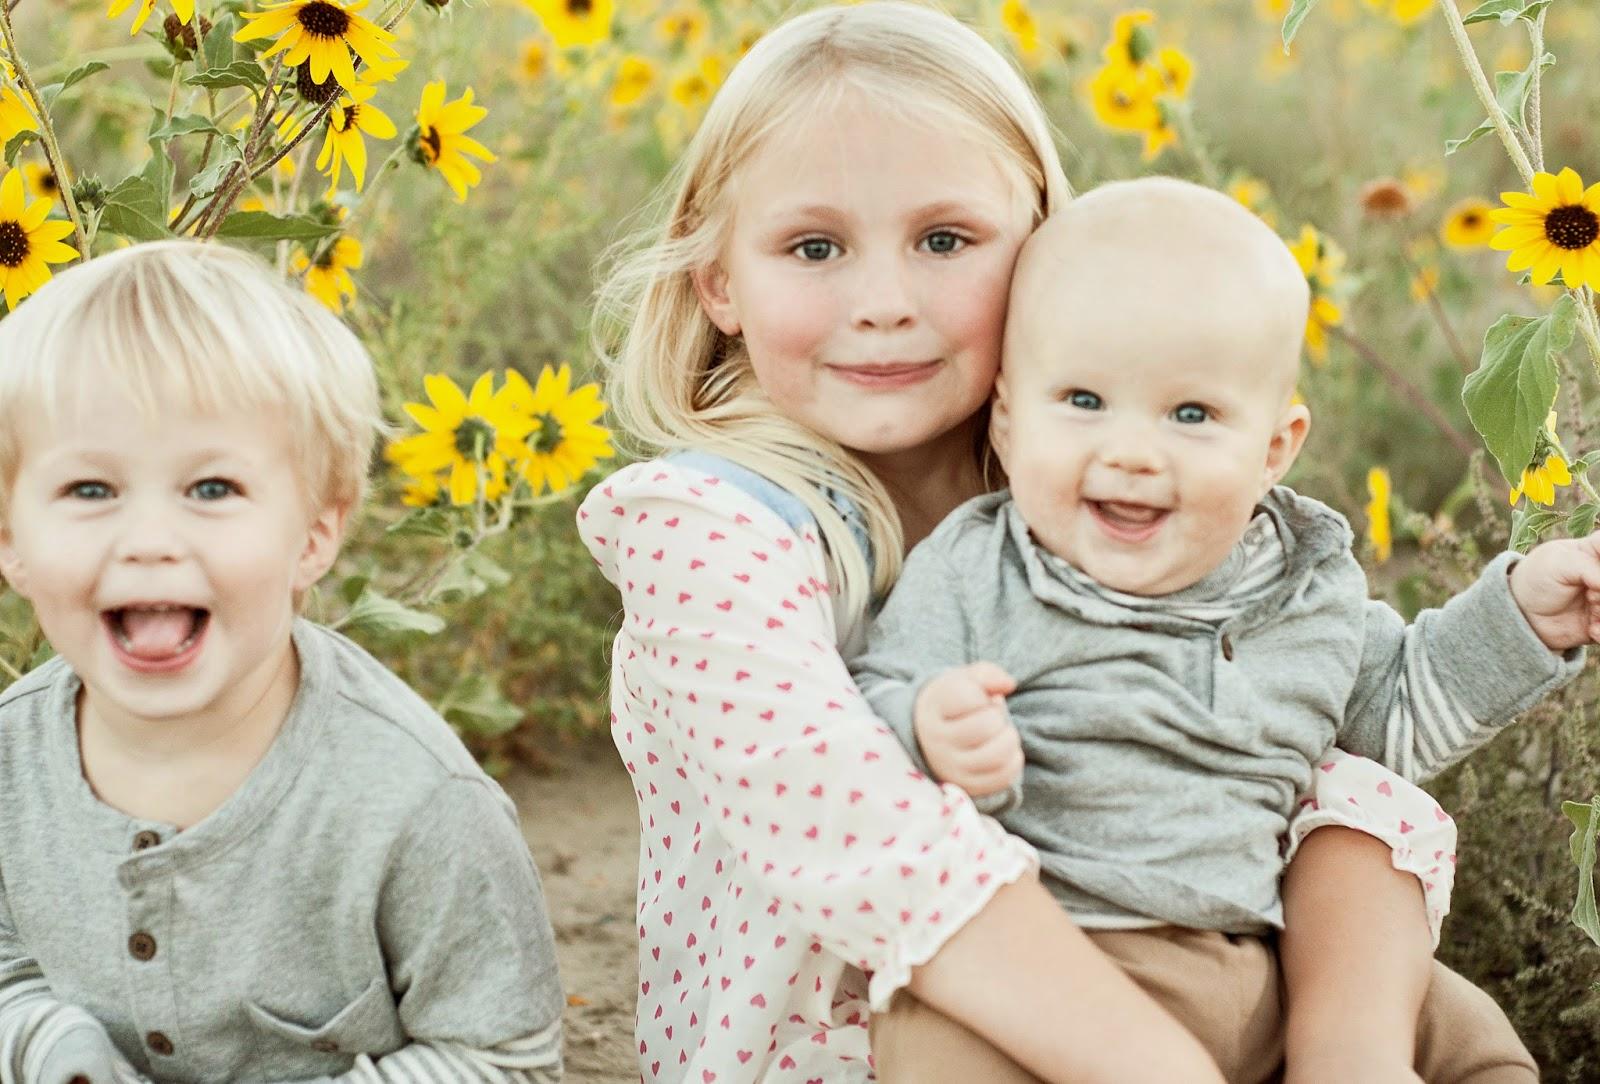 赤ちゃんに優しいお洋服♪Burt's Bees Baby/バーツビーズベイビー